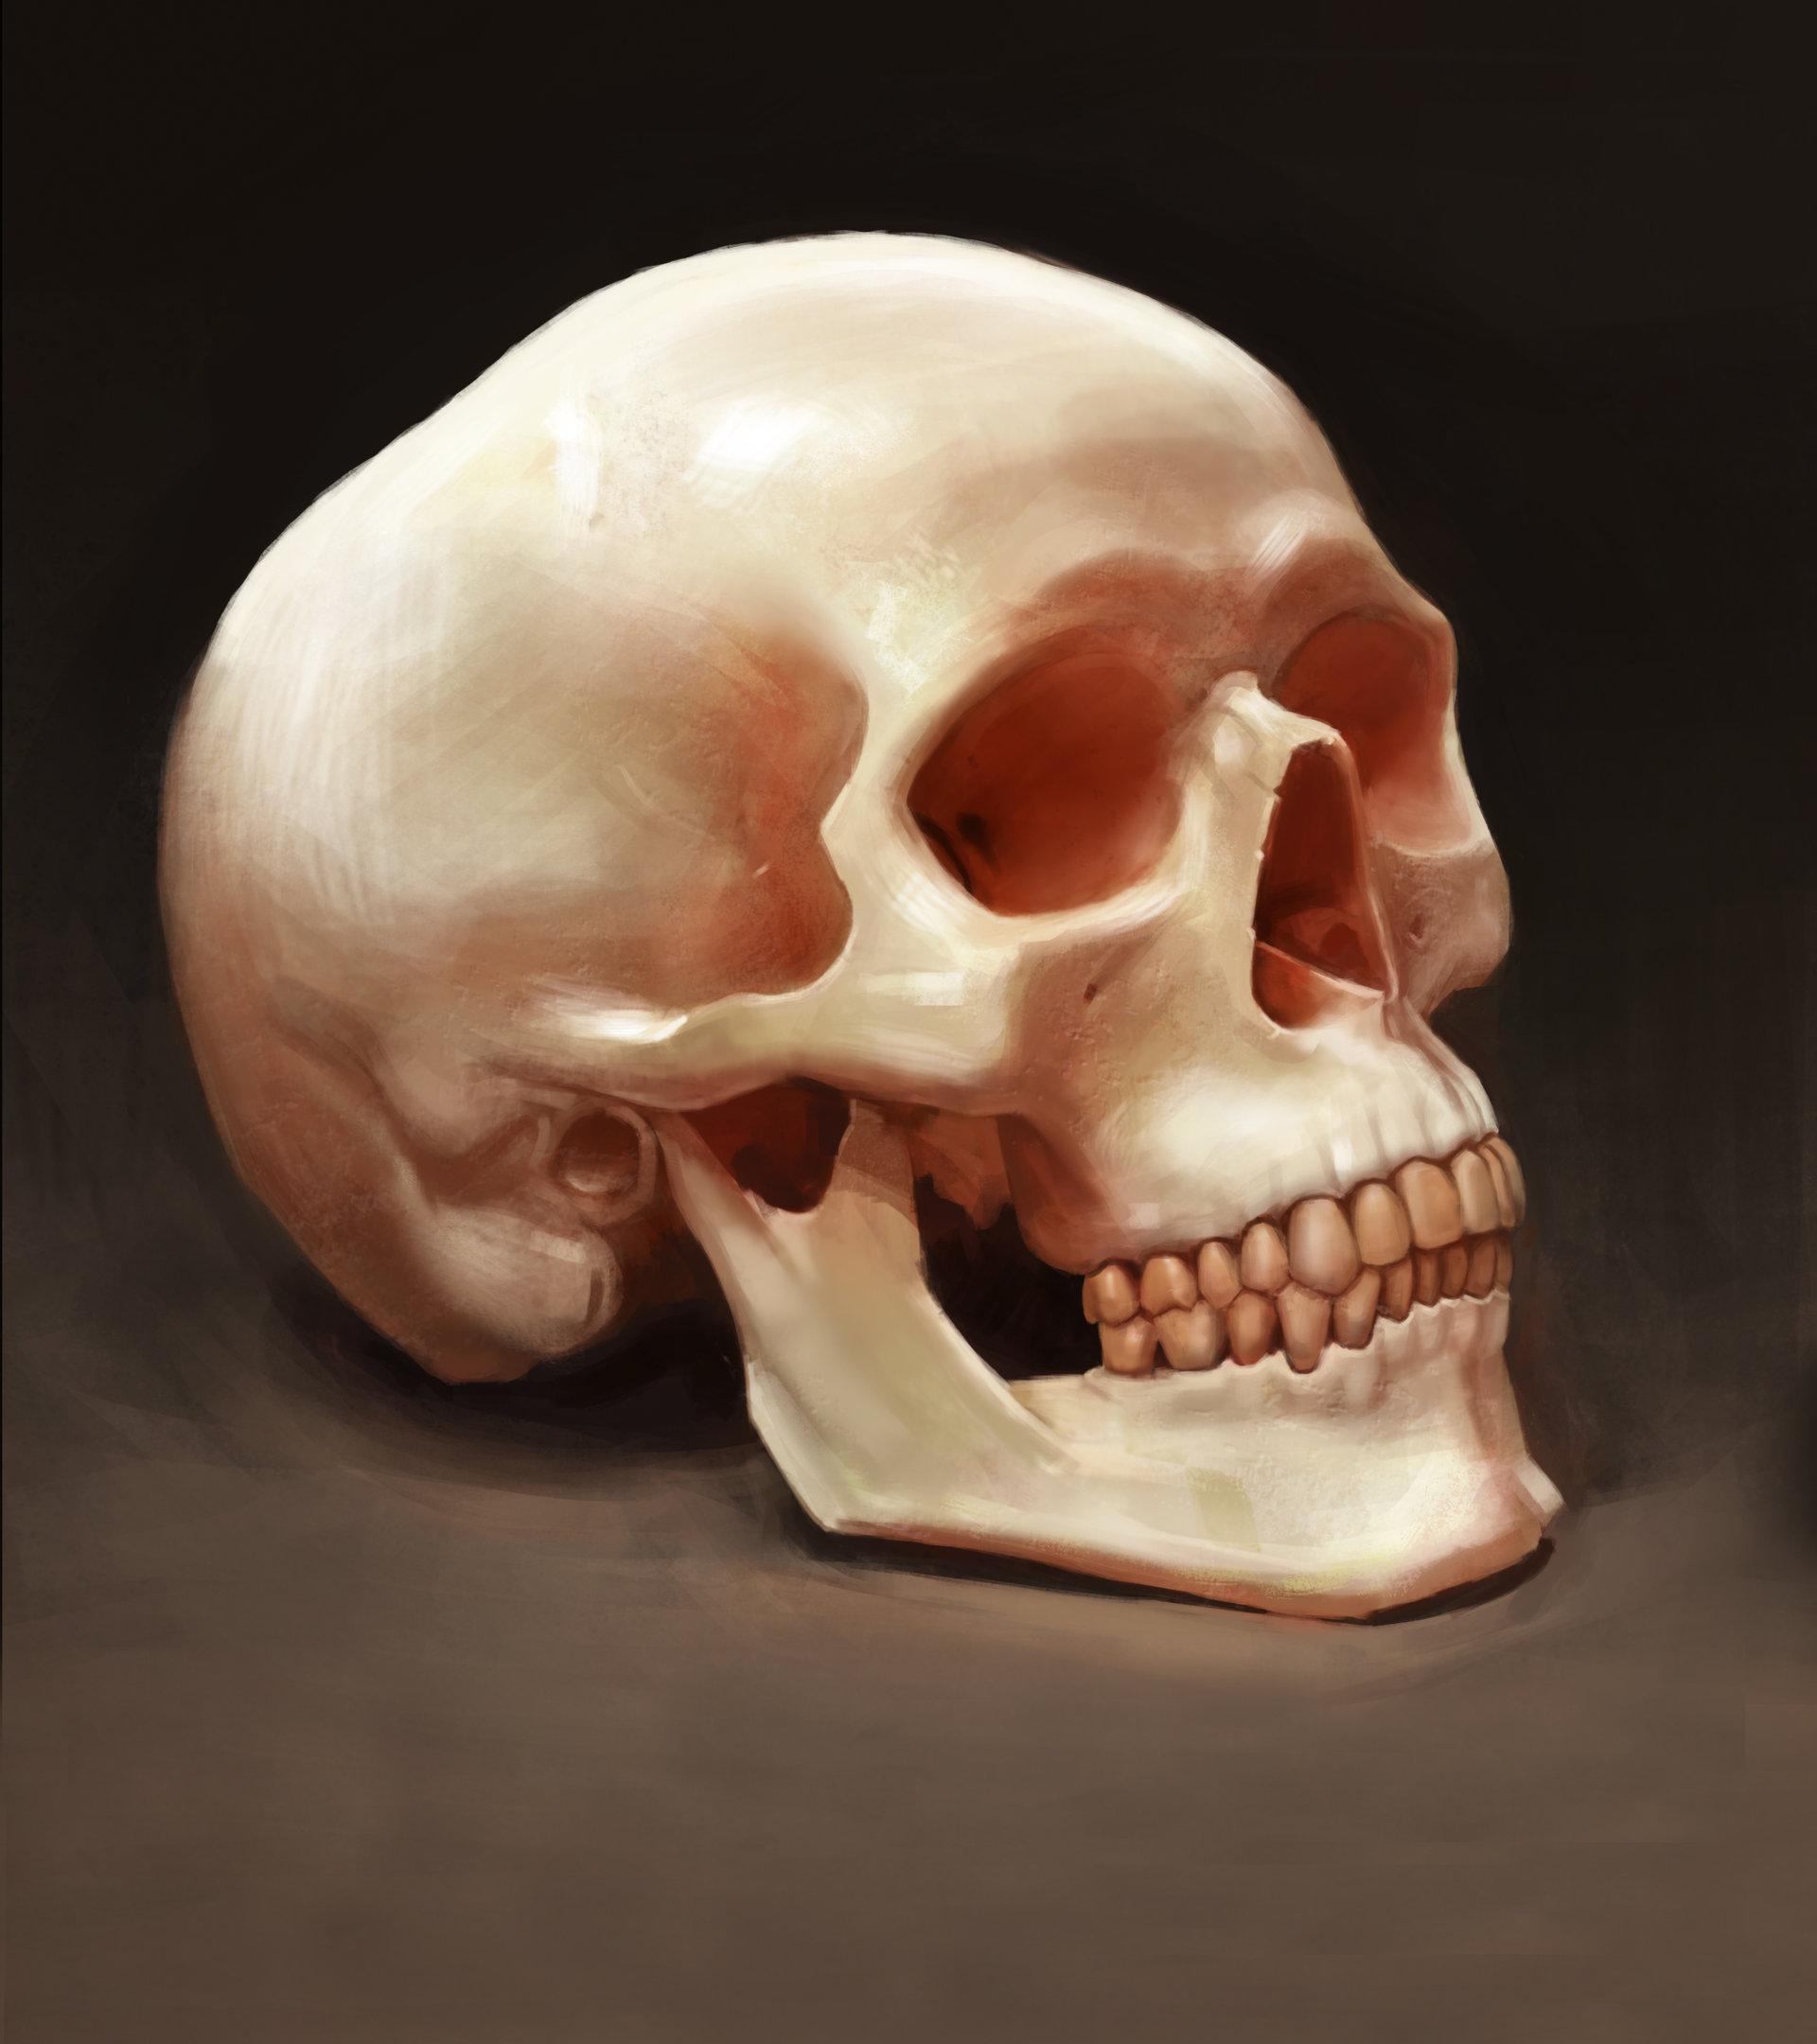 andrew-erickson-andrew-erickson-skull-study.jpg